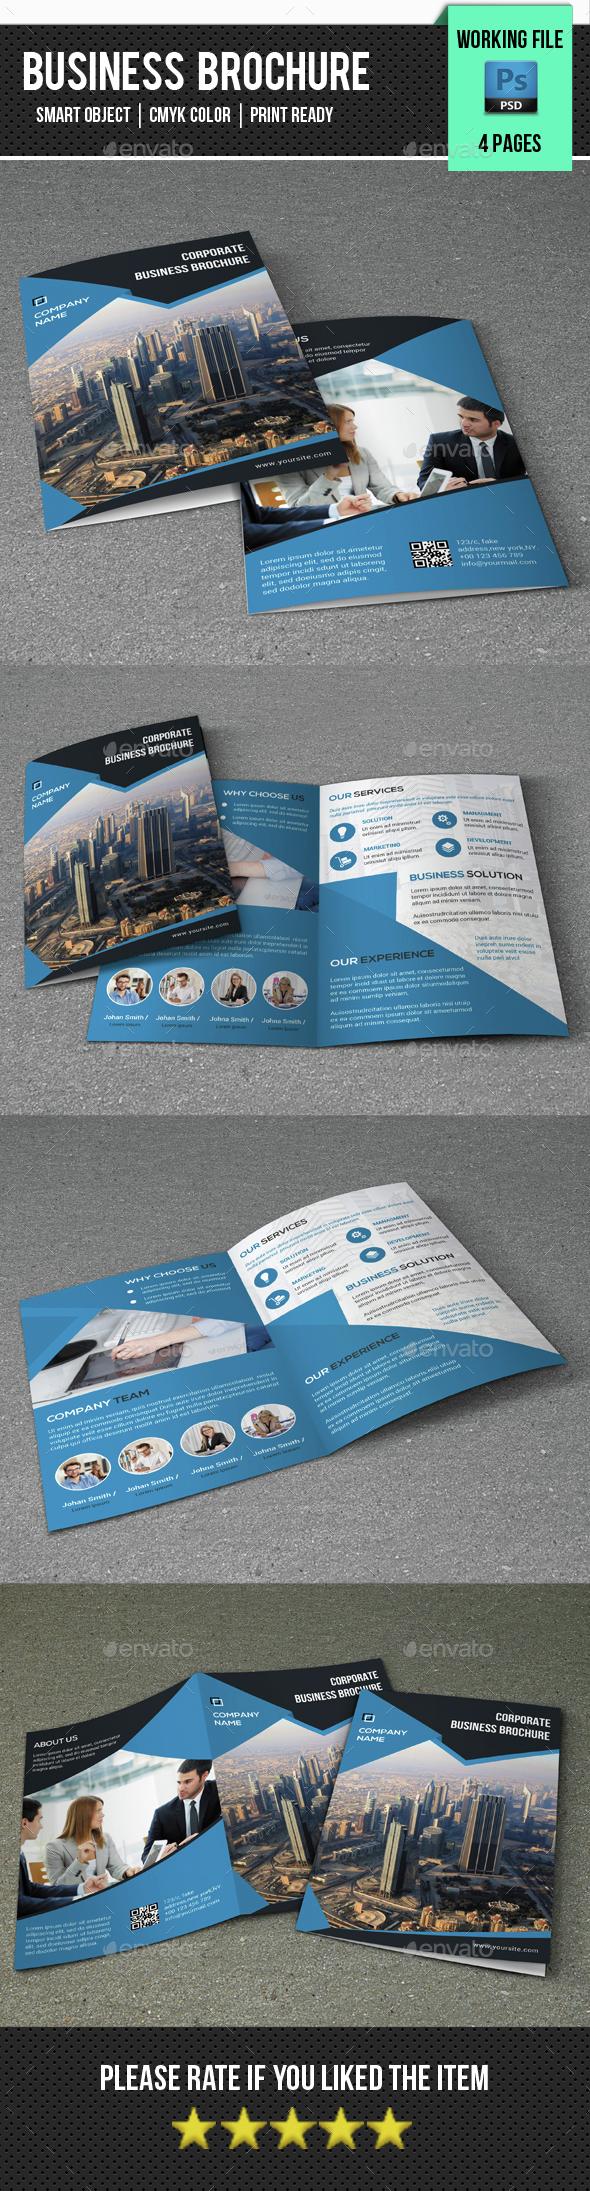 Corporate Bifold Brochure-V356 - Corporate Brochures